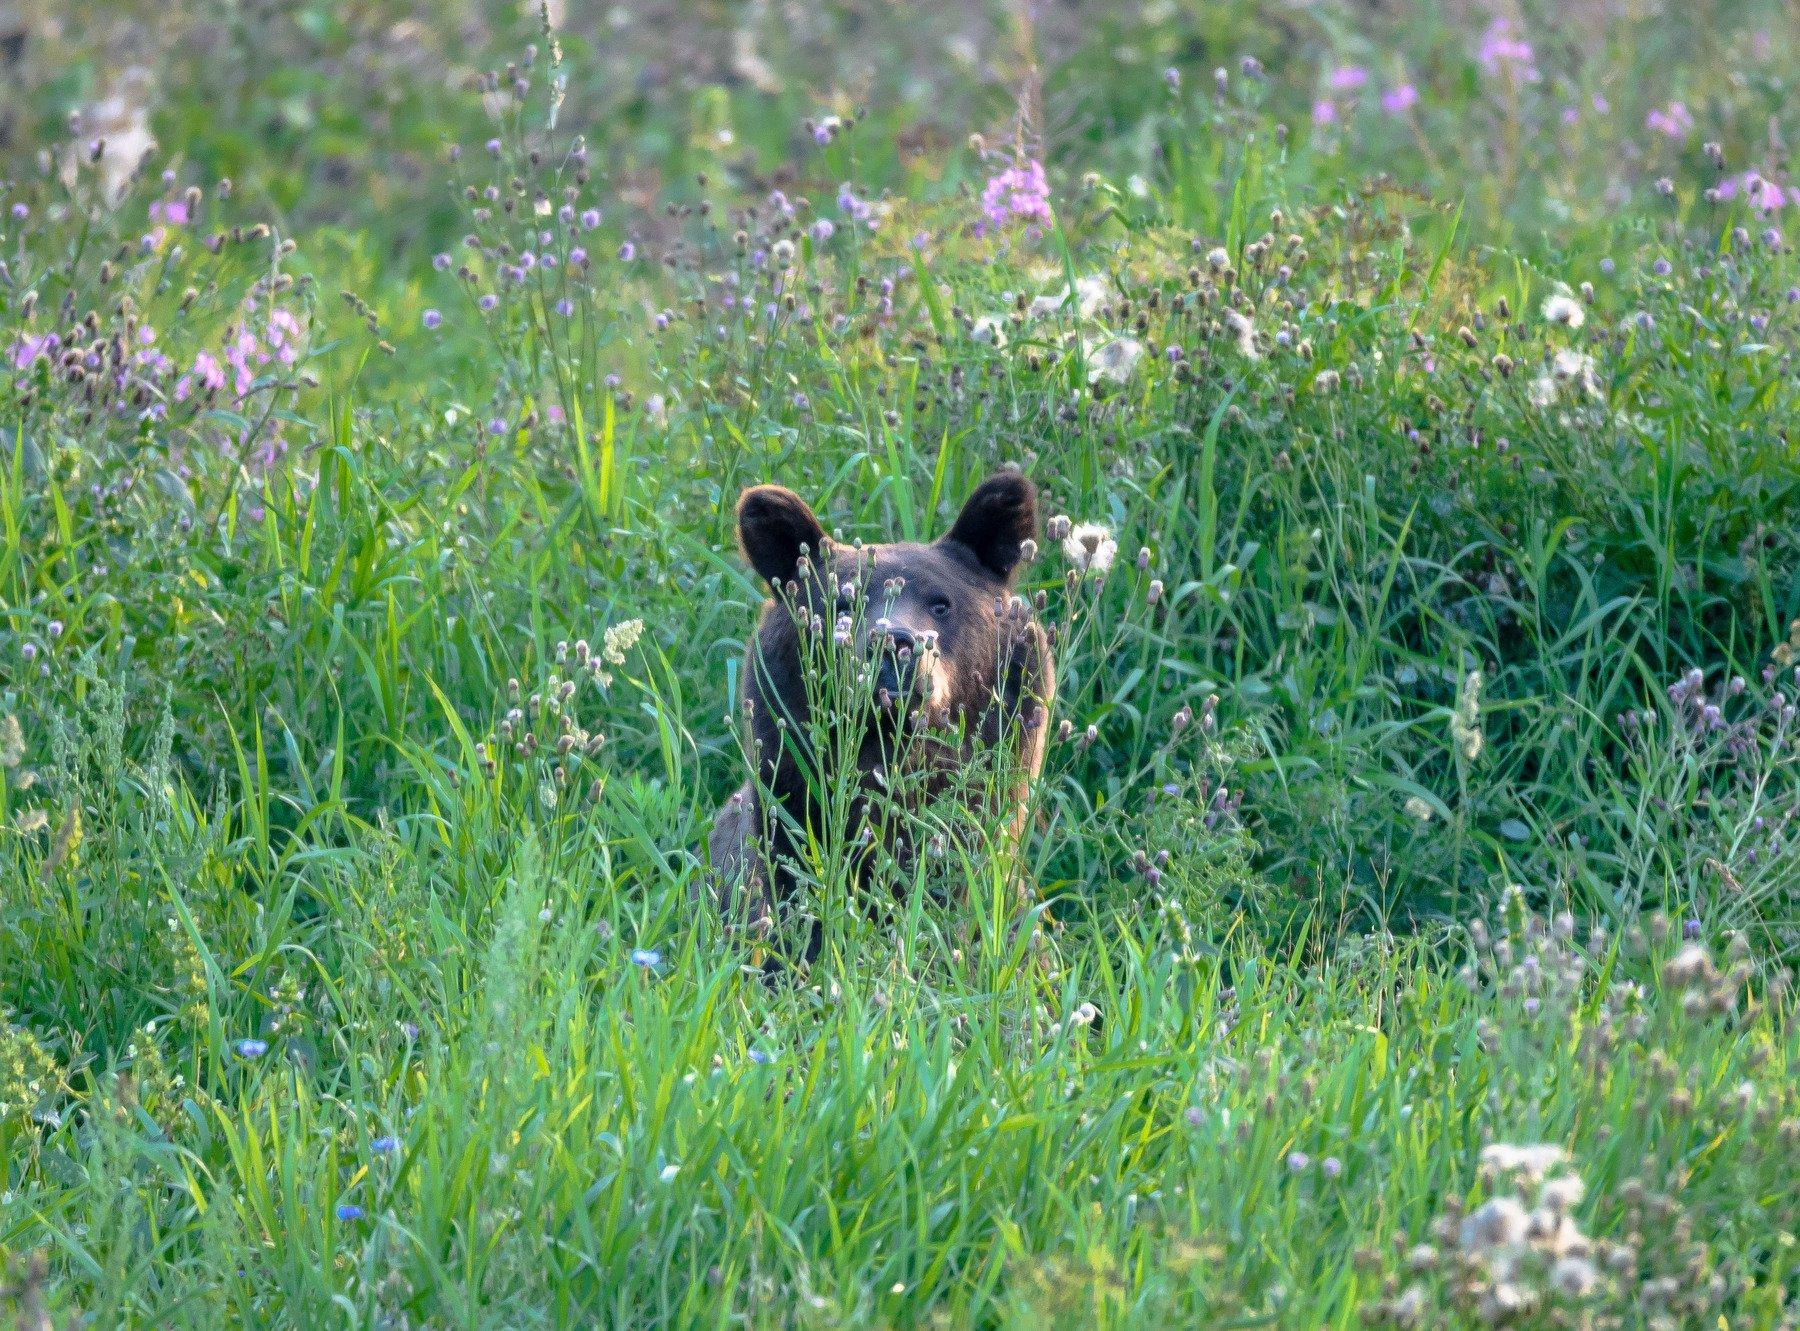 август, бурый медведь, зелёный, лето, мишка, овсы, папарацци, поле, тверская область, трава, удача, центрально-лесной заповедник, цлгз, Соварцева Ксюша